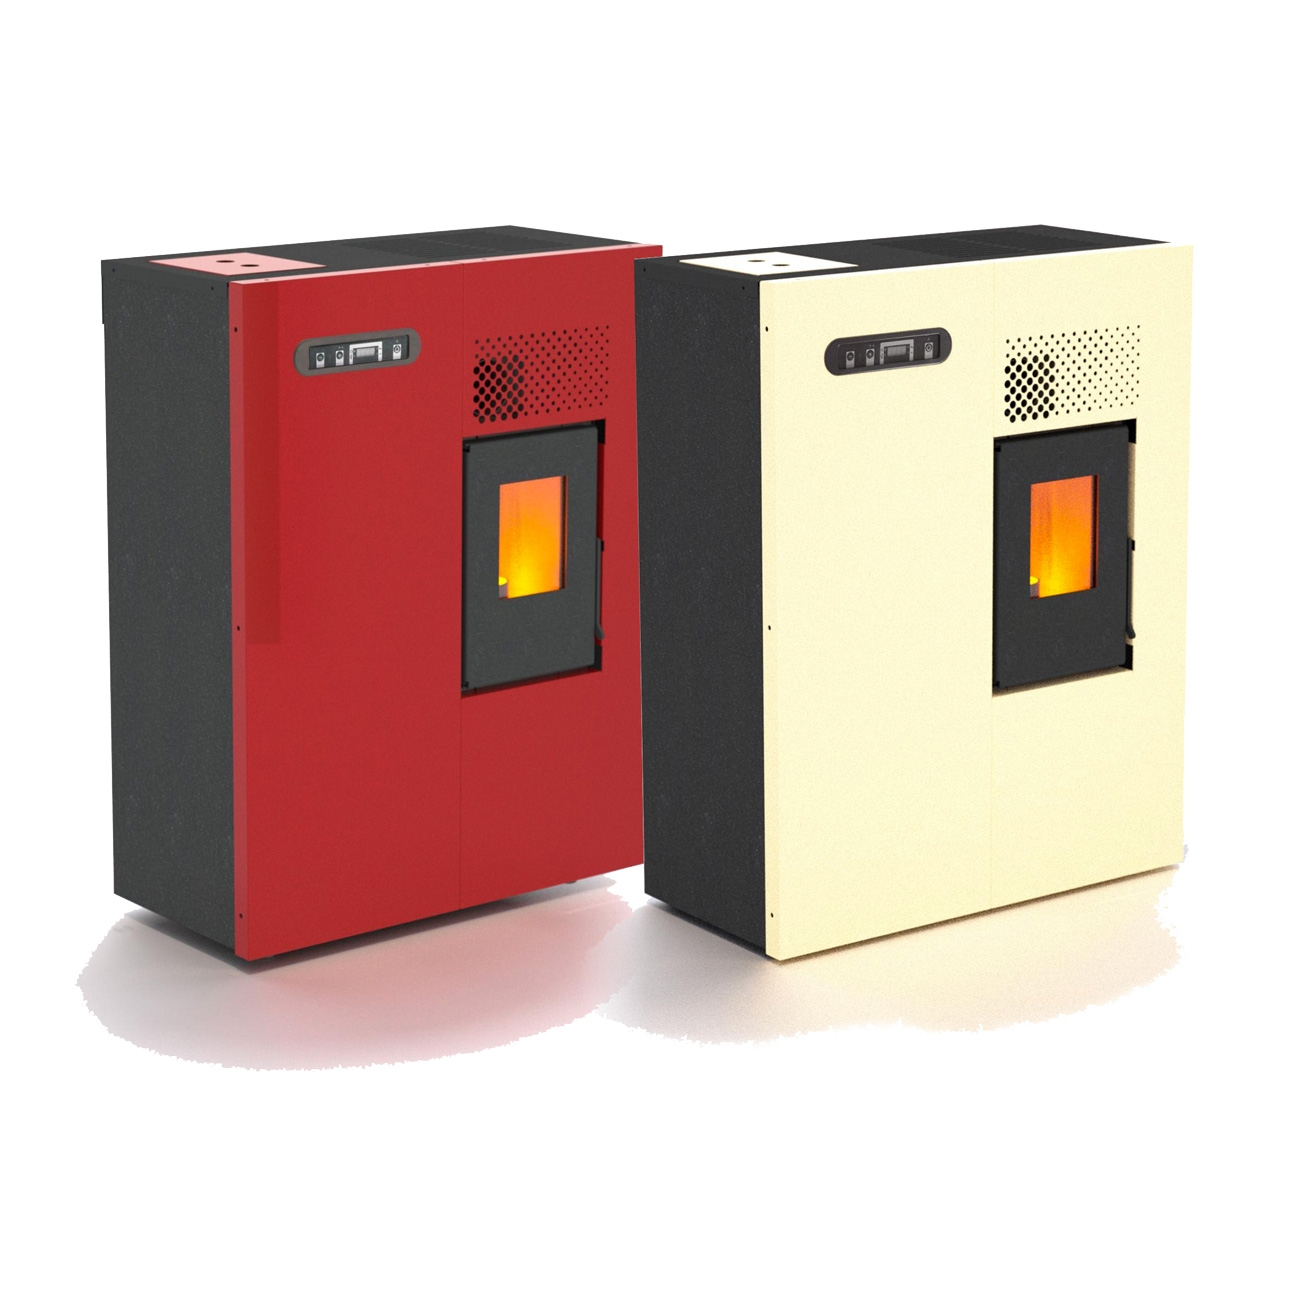 Punto Fuoco Camilla 4,5 kW Pellet stove